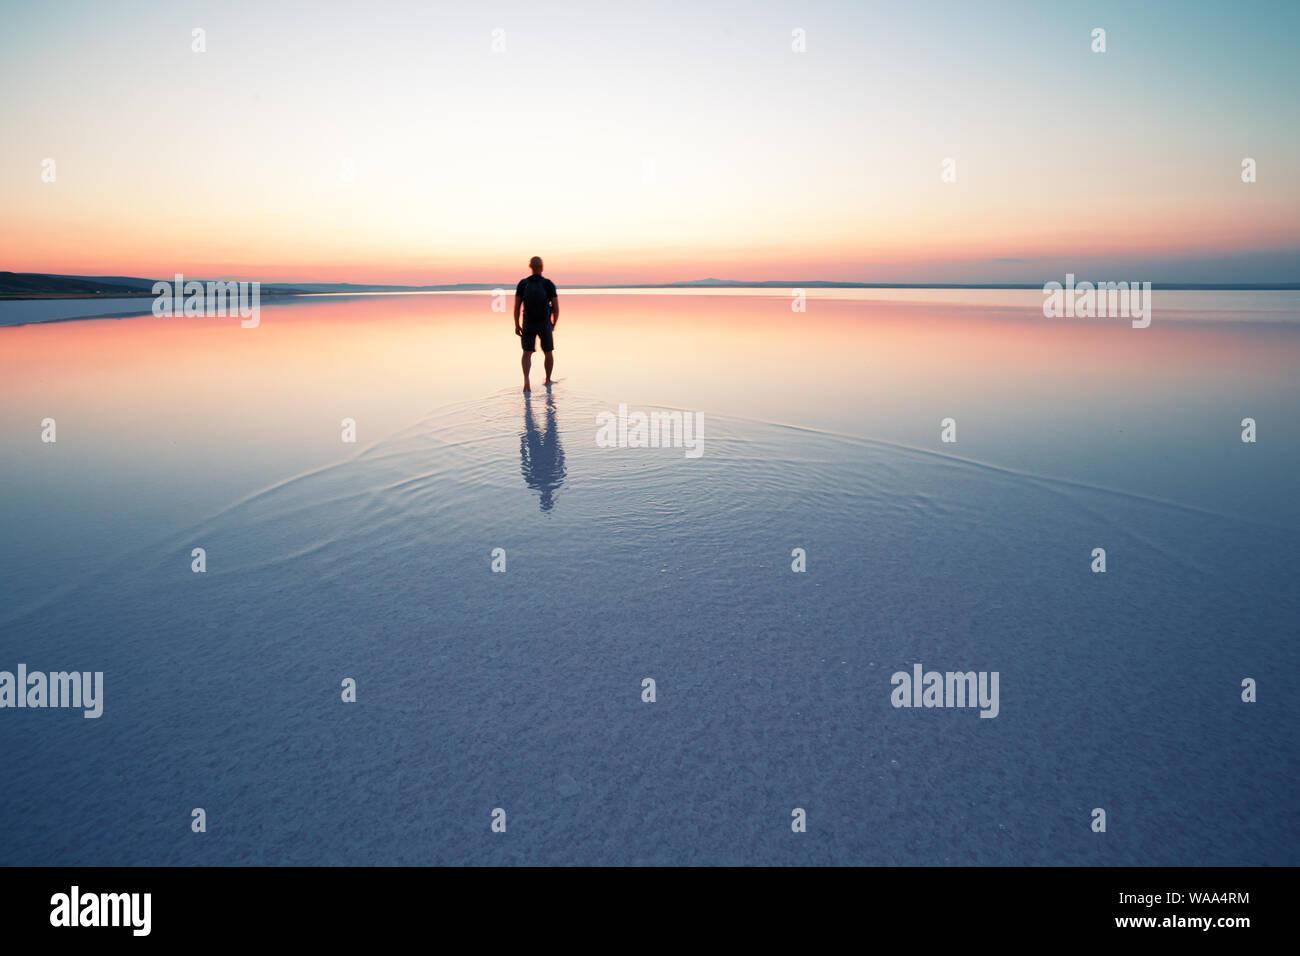 Silhouette di uomo uscire nel tramonto su acqua liscia del lago Foto Stock